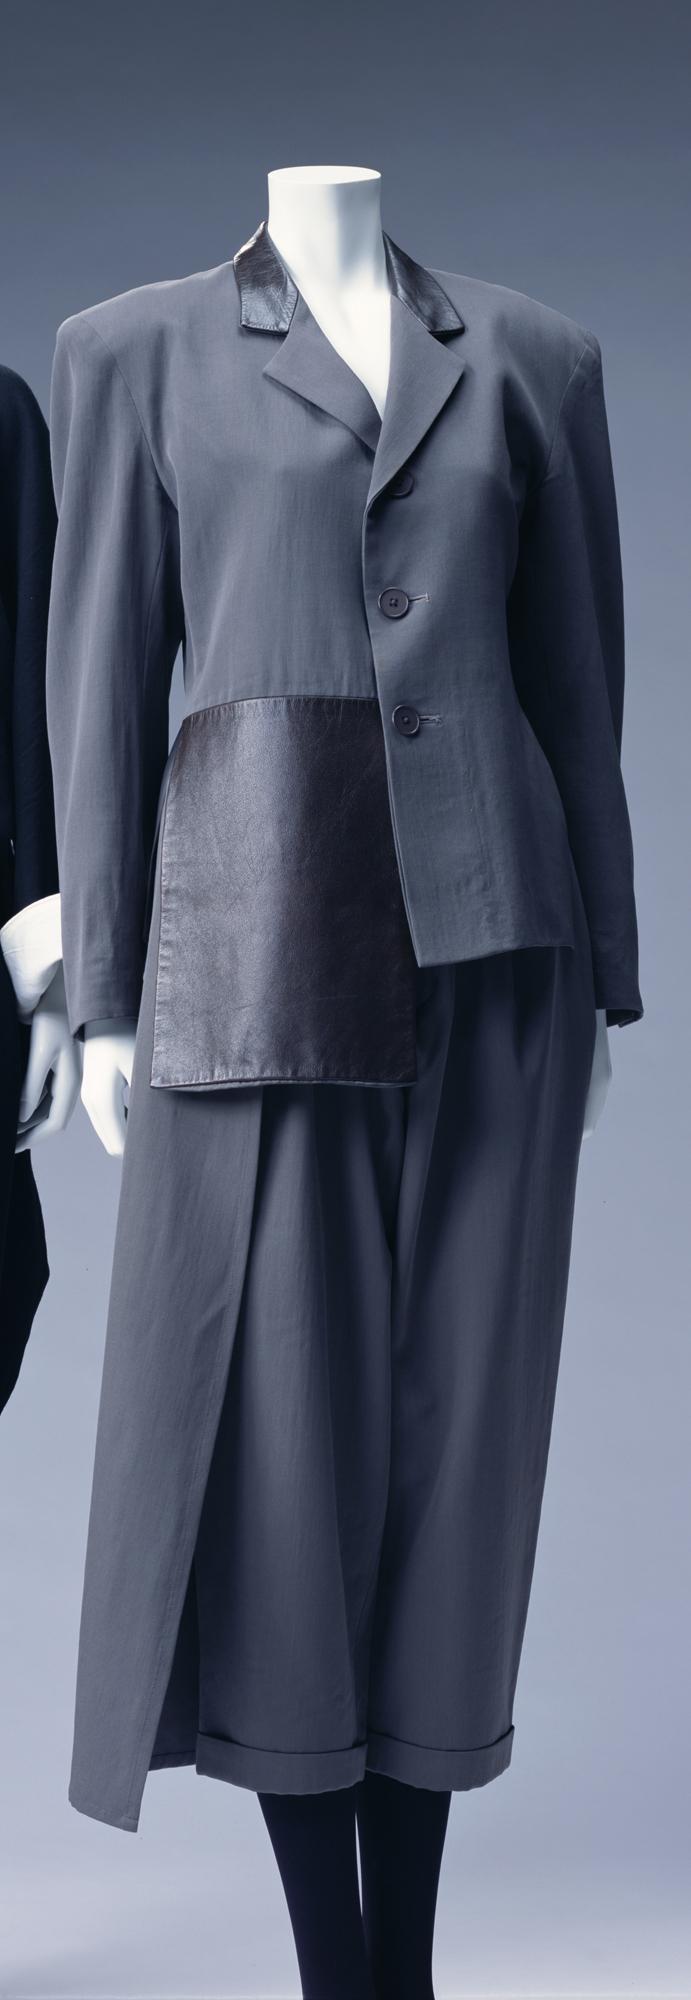 パンツ・スーツ